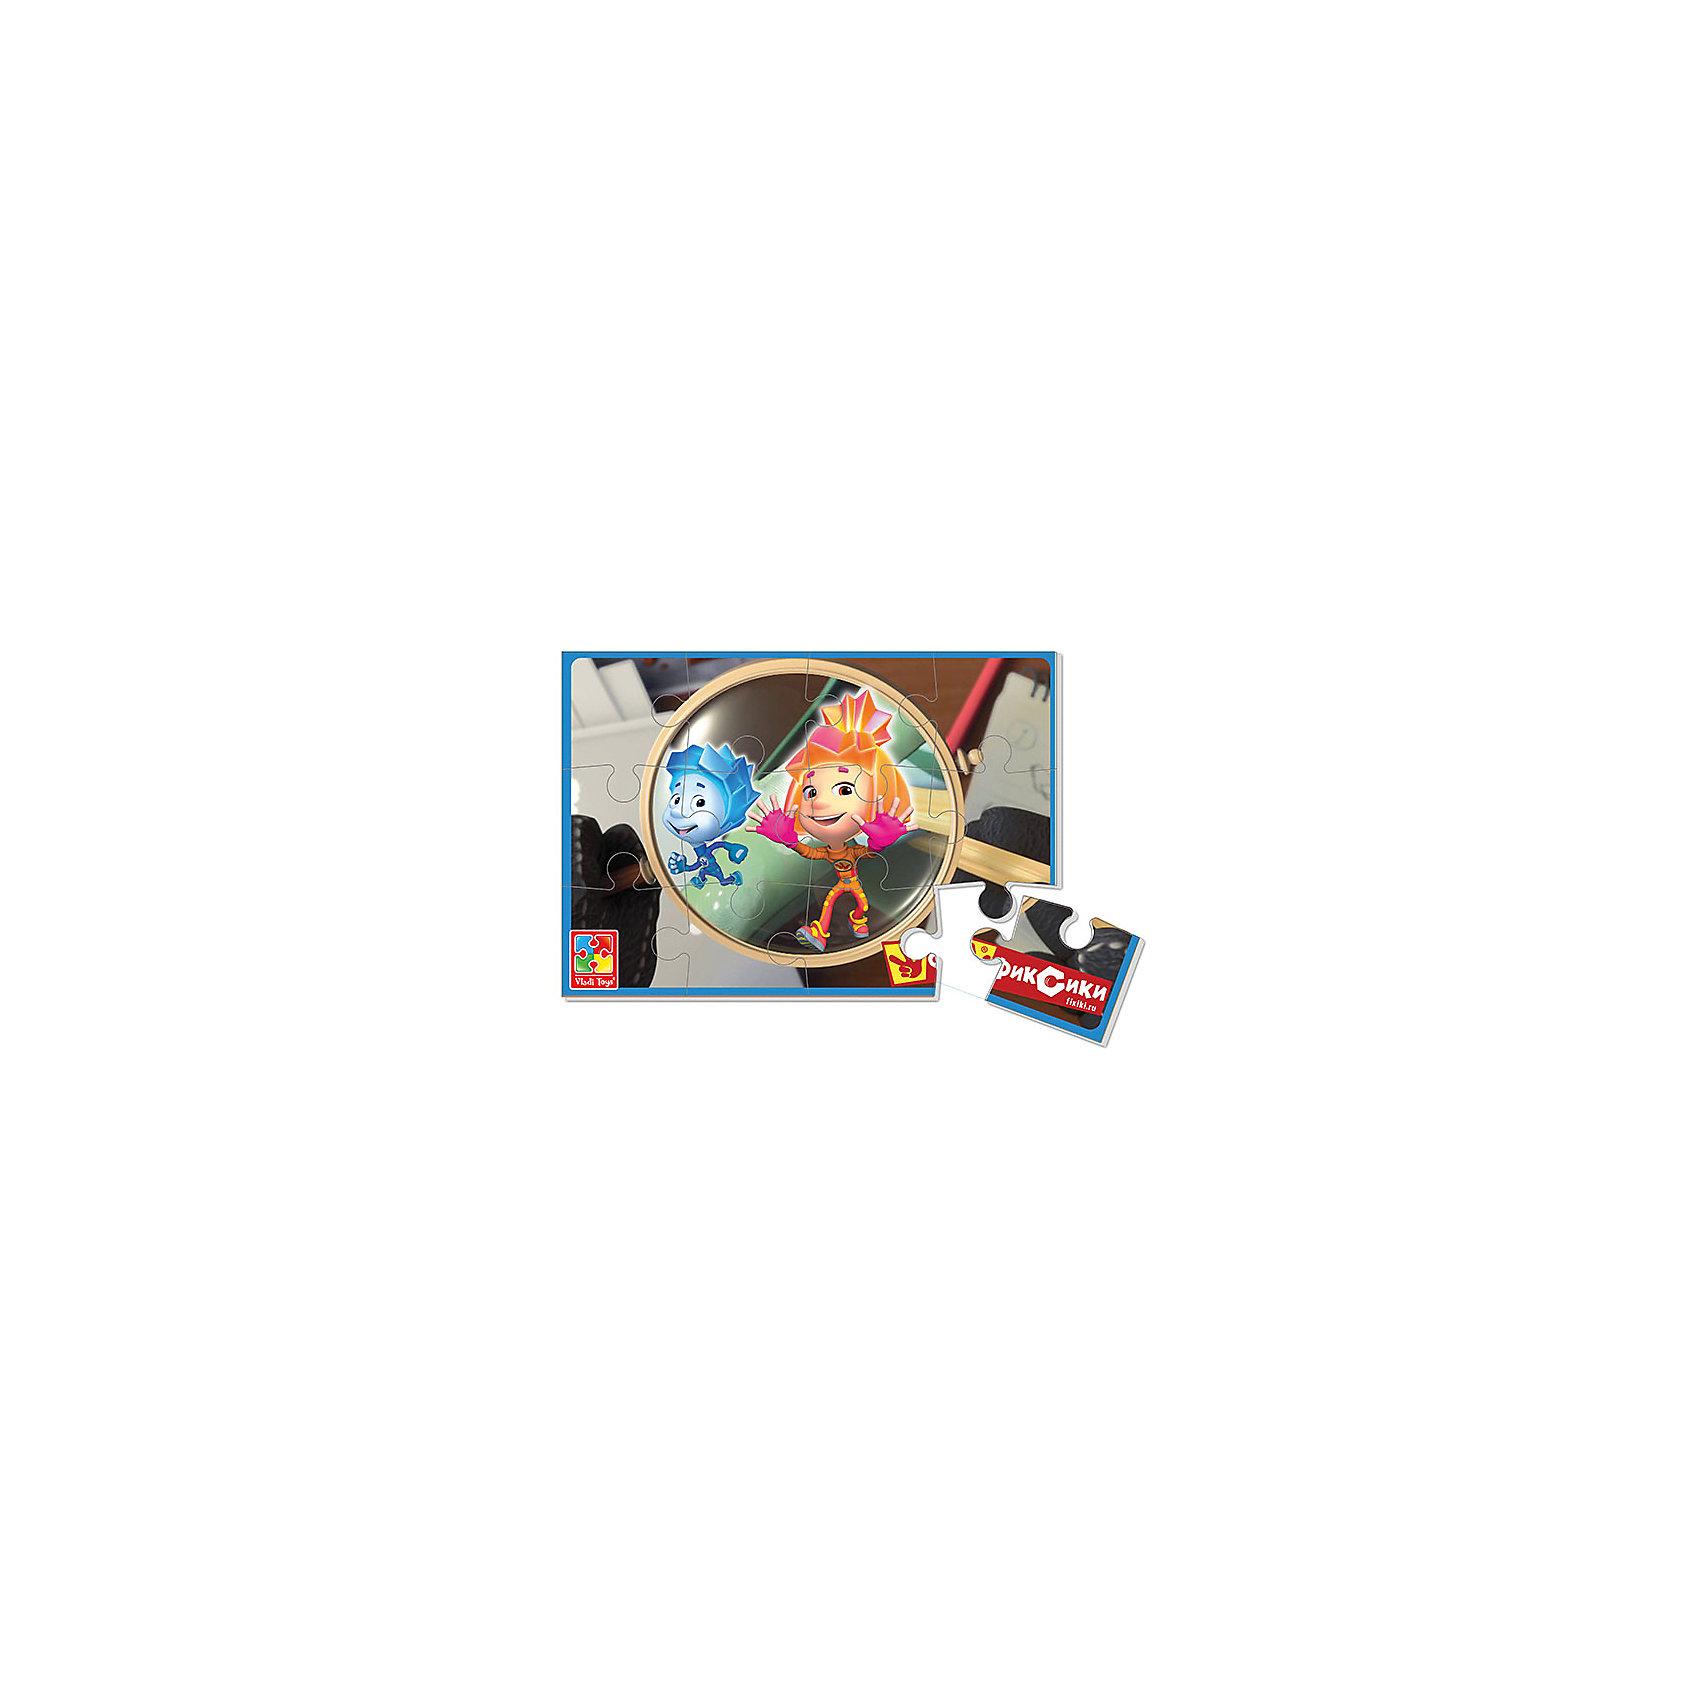 Мягкие пазлы  А5 Фиксики, Vladi ToysМягкие пазлы<br>Характеристики:<br><br>• Вид игр: развивающие<br>• Серия: пазлы-картинки<br>• Пол: универсальный<br>• Материал: полимер, картон<br>• Цвет: коричневый, голубой, розовый и др.<br>• Комплектация: 1 пазл из 12-ти элементов<br>• Размеры (Д*Ш*В): 18*4*28,5 см<br>• Тип упаковки: картонная коробка<br>• Вес: 20 г<br><br>Мягкие пазлы А5 Фиксики, Vladi Toys, производителем которых является компания, специализирующаяся на выпуске развивающих игр, давно уже стали популярными среди аналогичной продукции. Мягкие пазлы – идеальное решение для развивающих занятий с самыми маленькими детьми, так как они разделены на большие элементы с крупными изображениями, чаще всего в качестве картинок используются герои популярных мультсериалов. Самое важное в пазле для малышей – это минимум деталей и безопасность элементов. Все используемые в производстве материалы являются экологически безопасными, не вызывают аллергии, не имеют запаха. Пазл Фиксики, Vladi Toys представляет собой сюжетную картинку размером А5, которая состоит из 12-и крупных элементов с изображениями Нолика и Симки из мультфильма Фиксики. <br>Занятия с мягкими пазлами Фиксики, Vladi Toys способствуют развитию не только мелкой моторики, но и внимательности, усидчивости, терпению при достижении цели. Кроме того, по собранной картинке можно составлять рассказ, что позволит развивать речевые навыки, память и воображение.<br><br>Мягкие пазлы А5 Фиксики, Vladi Toys, можно купить в нашем интернет-магазине.<br><br>Ширина мм: 180<br>Глубина мм: 4<br>Высота мм: 285<br>Вес г: 20<br>Возраст от месяцев: 24<br>Возраст до месяцев: 60<br>Пол: Унисекс<br>Возраст: Детский<br>SKU: 5136070